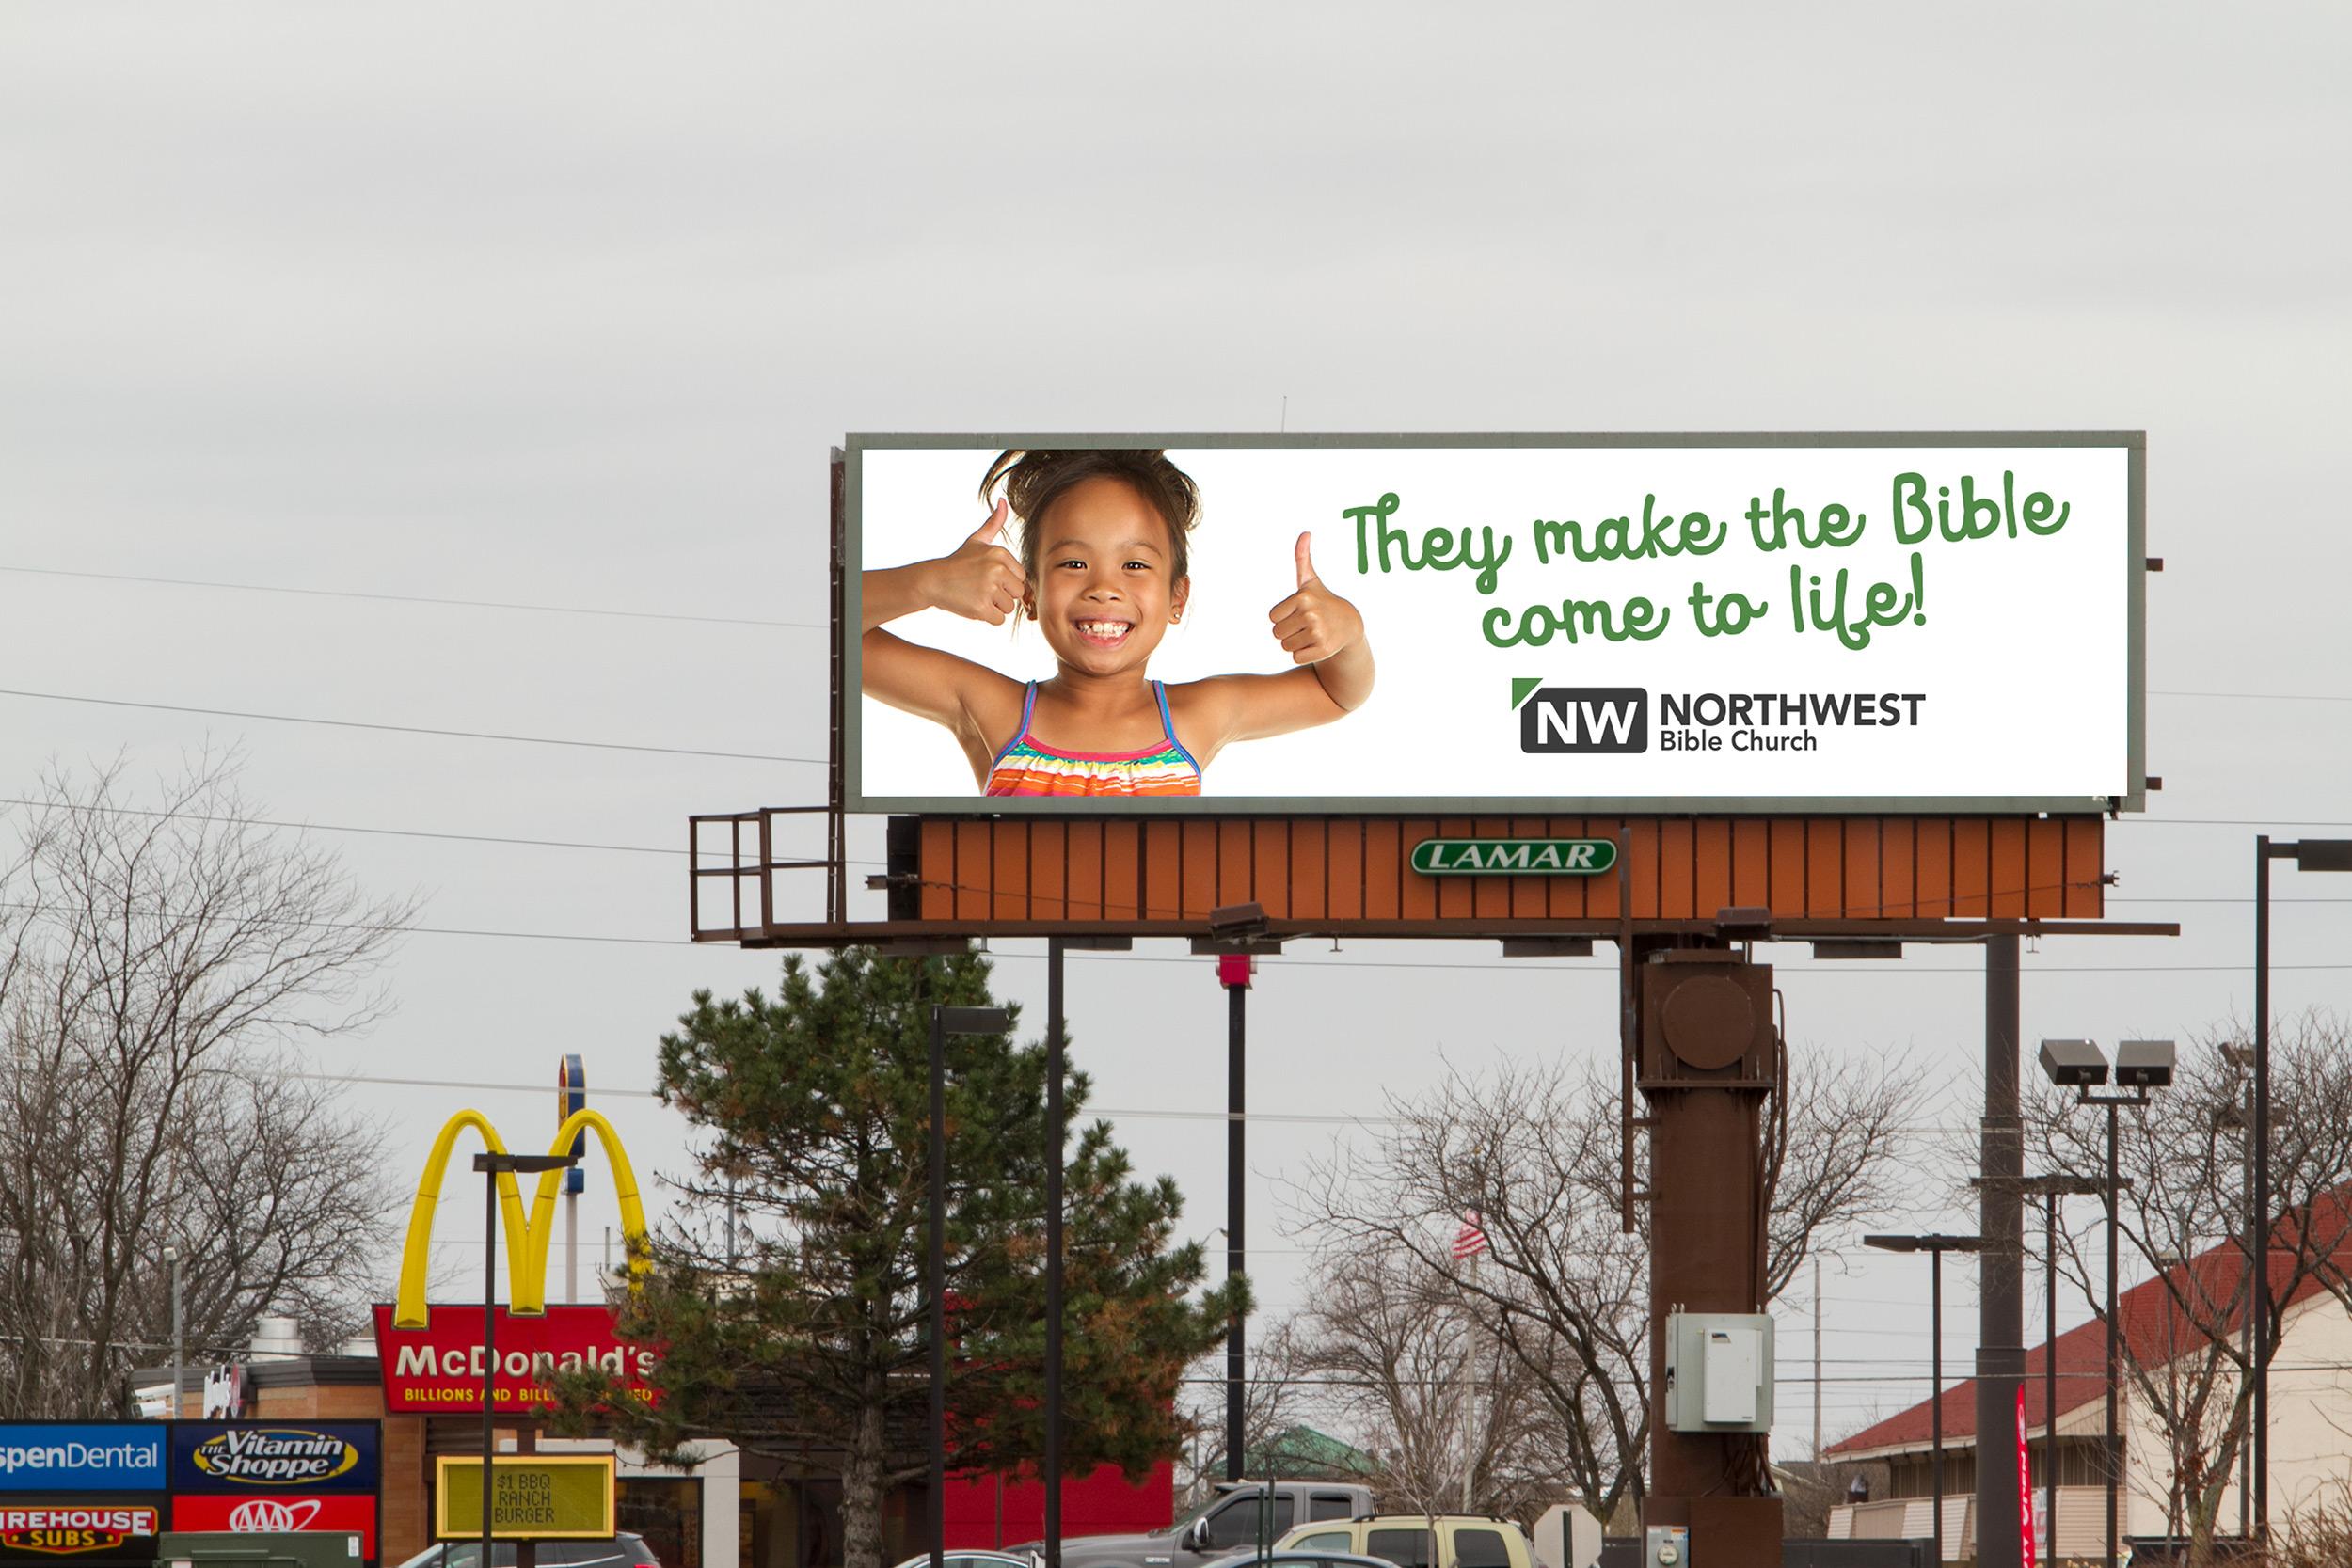 billboard-mockup-kids-v7-web.jpg